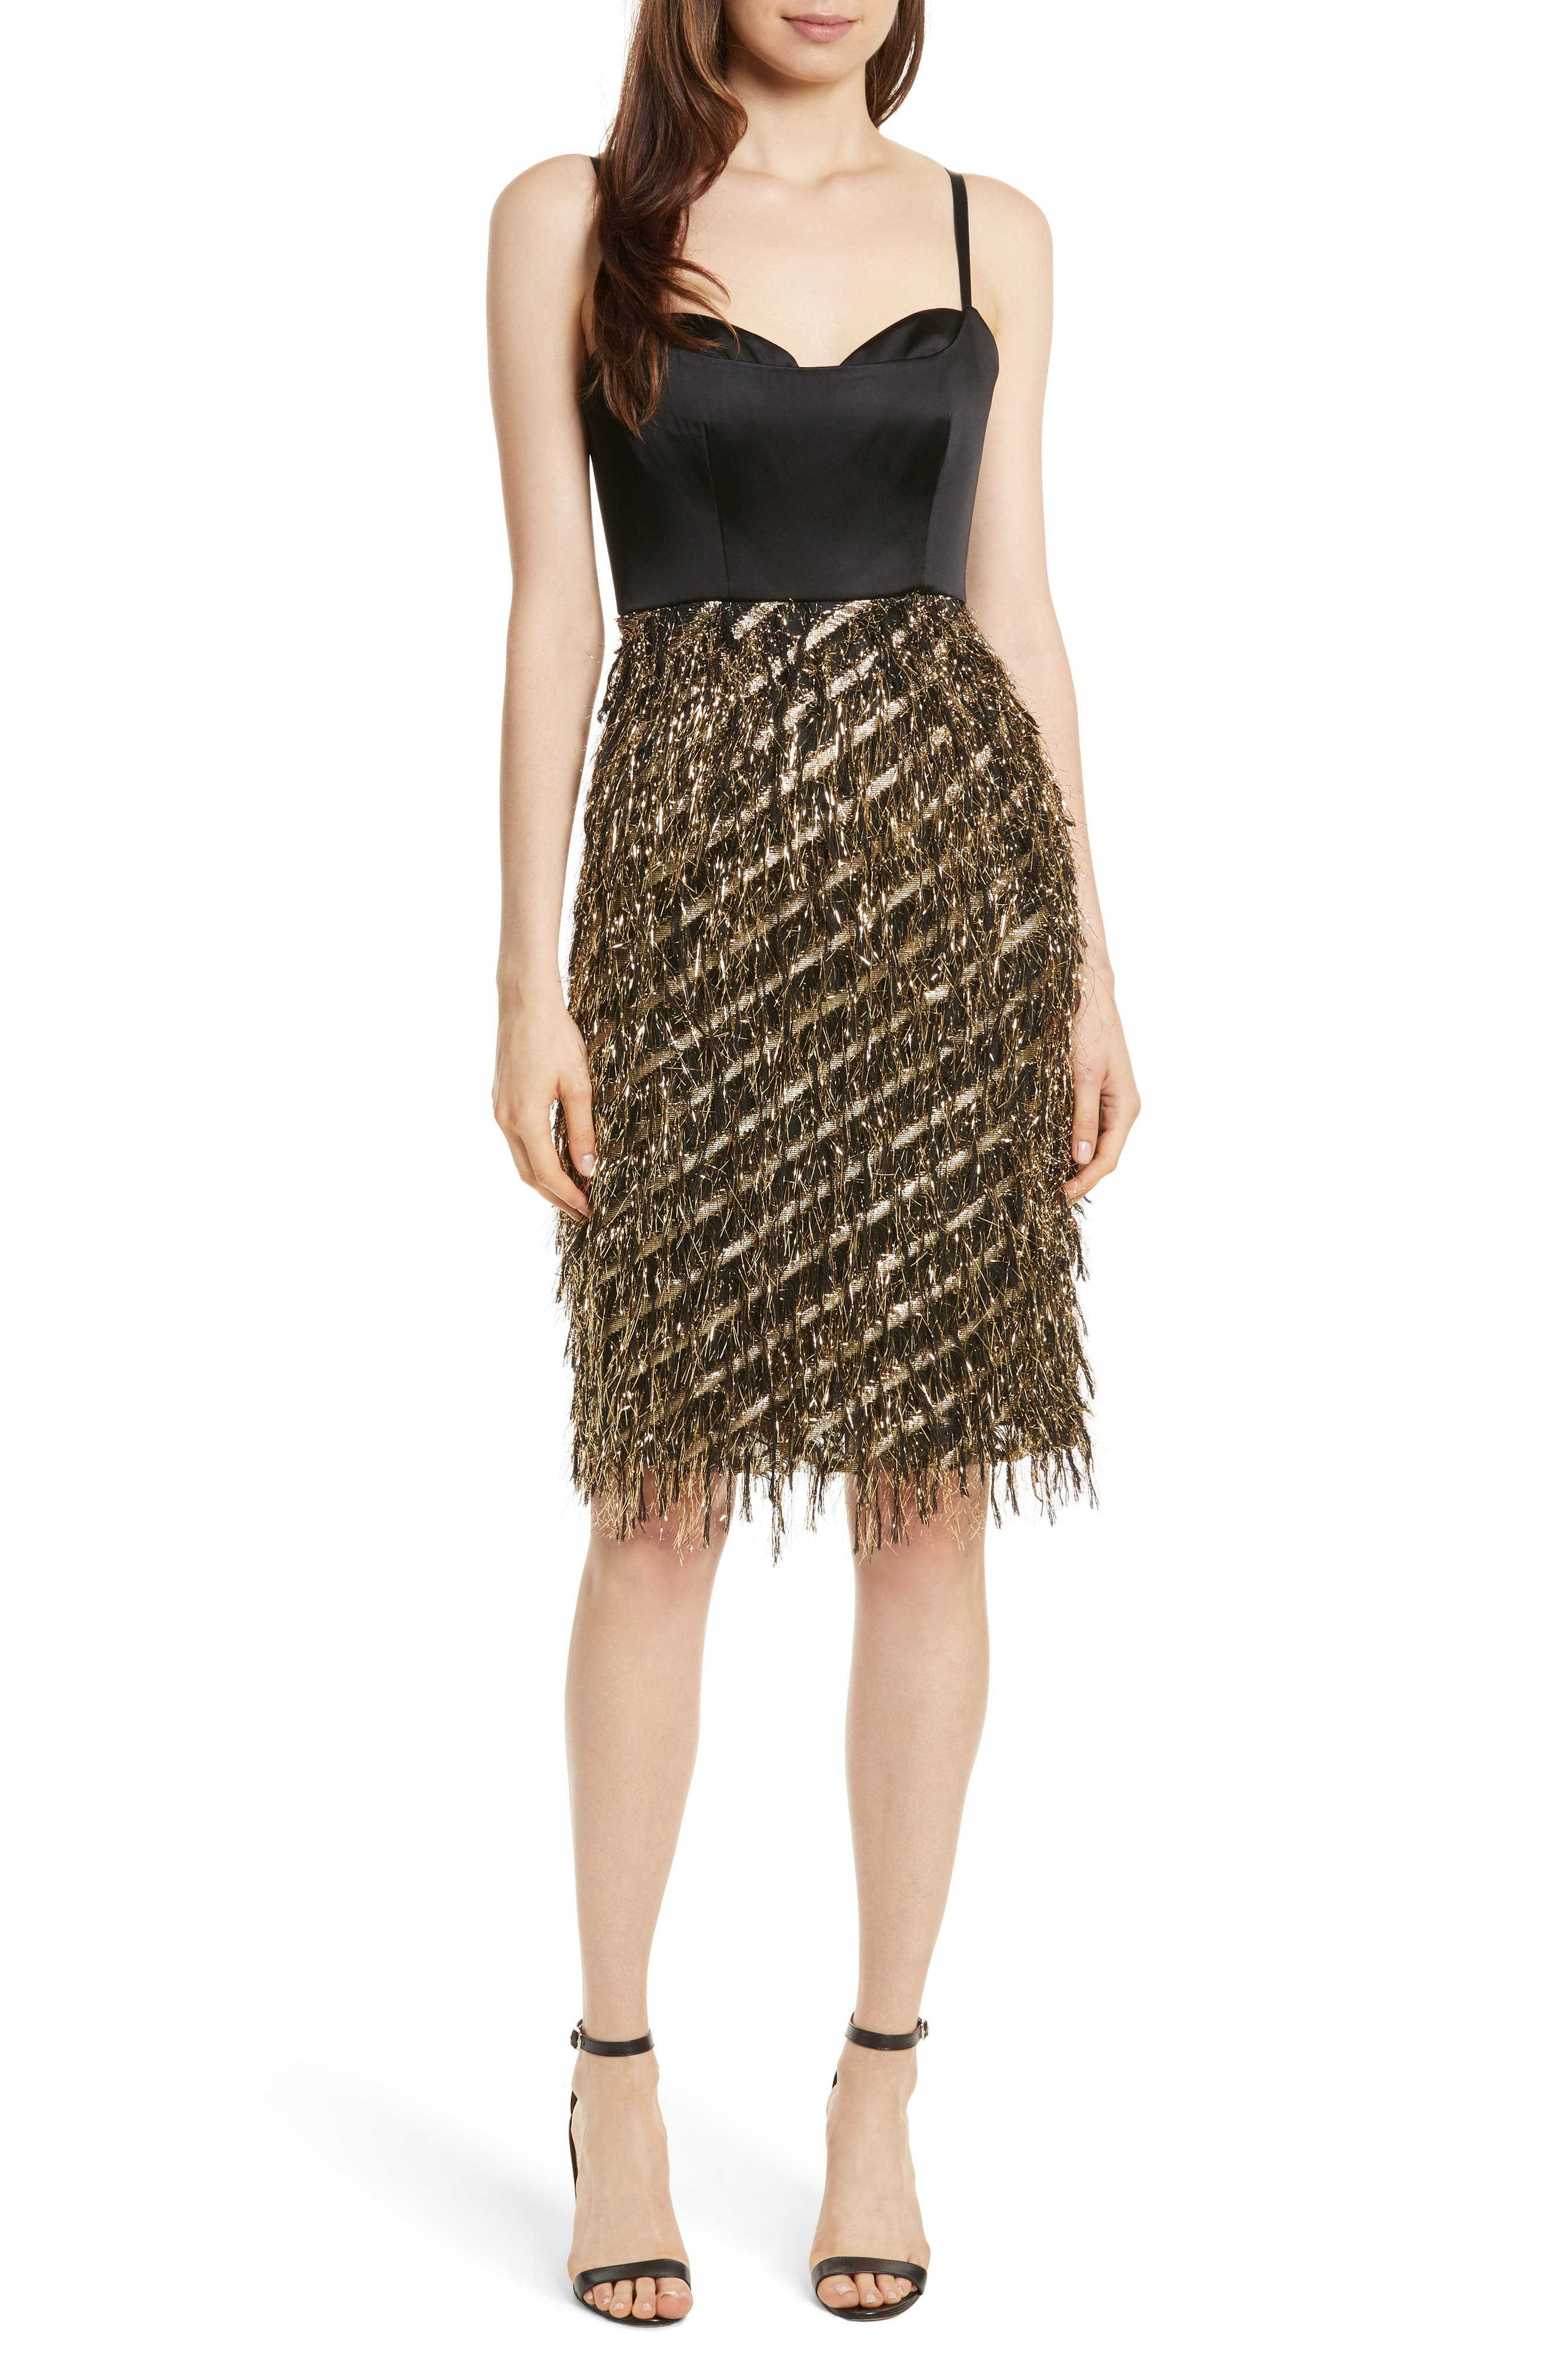 Milly Tara Diagonal Metallic Dress